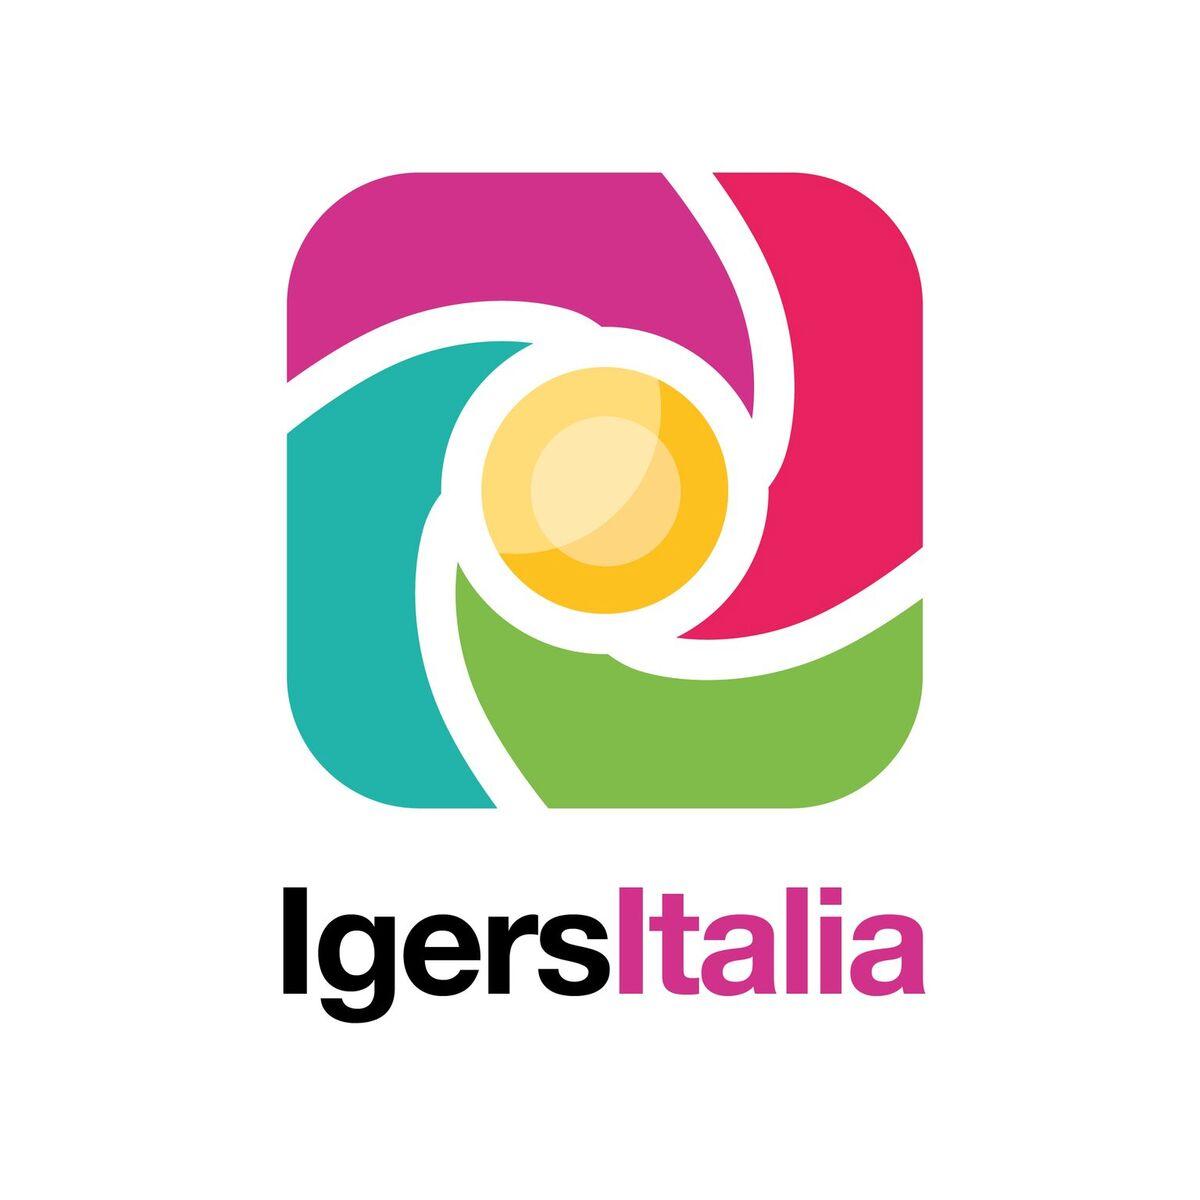 IGERS_ITALIA